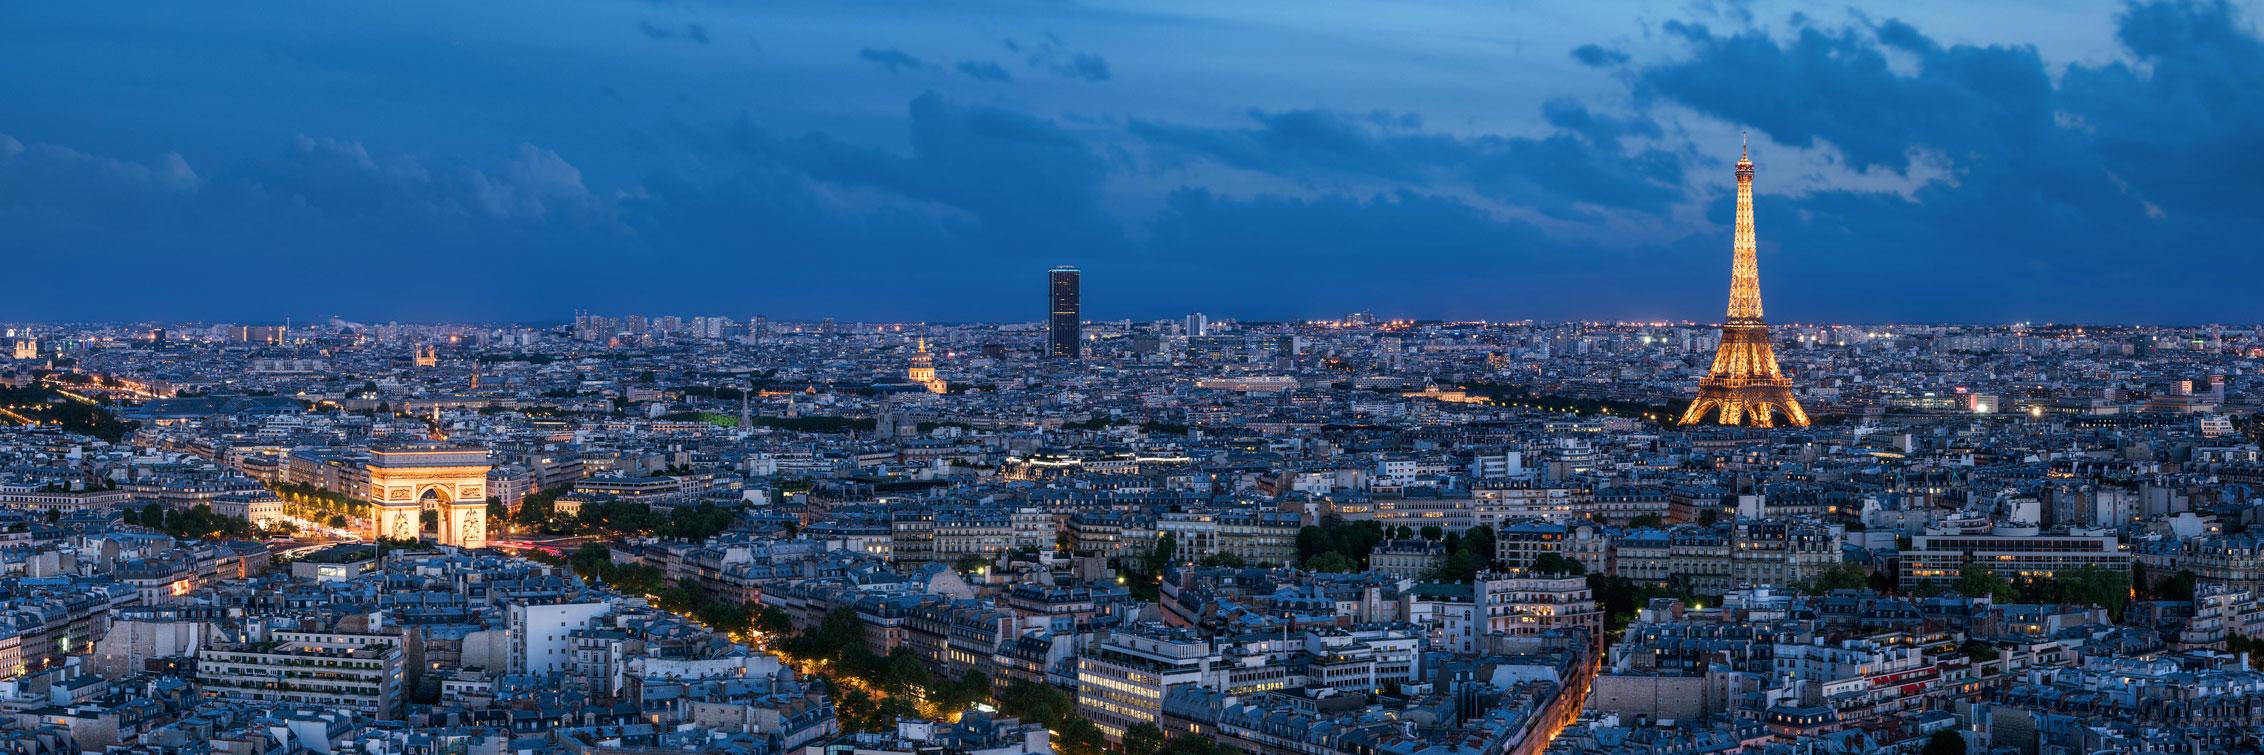 Paryż wymiana walut